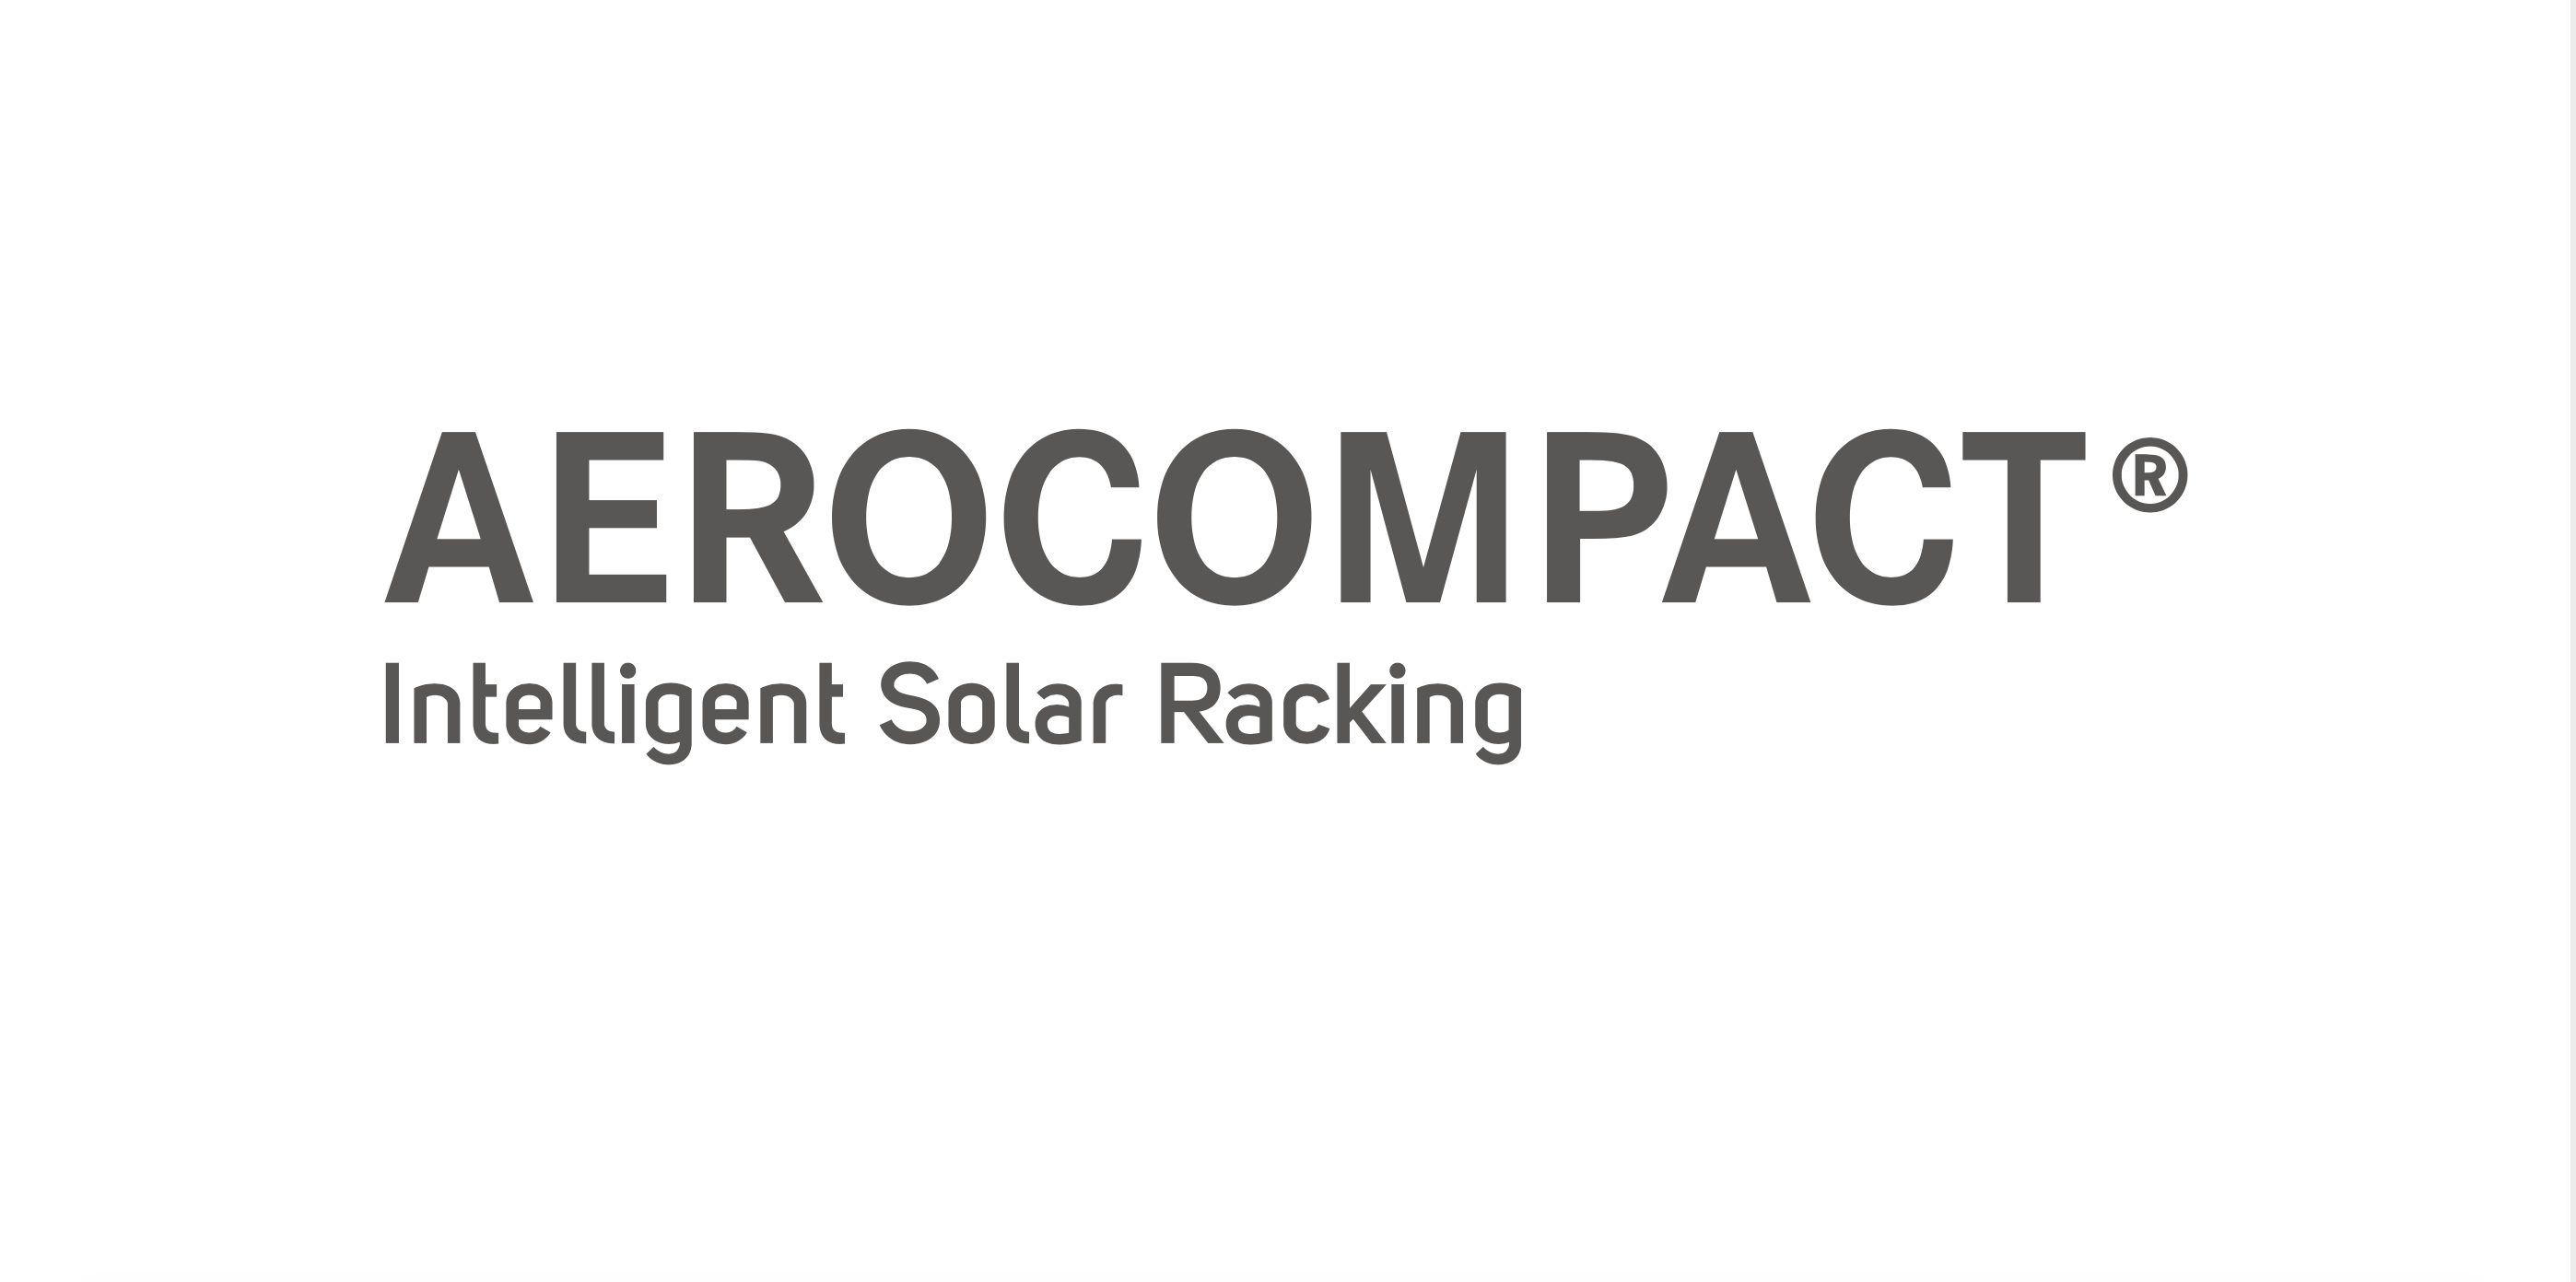 AEROCOMPACT kinnituslahendused